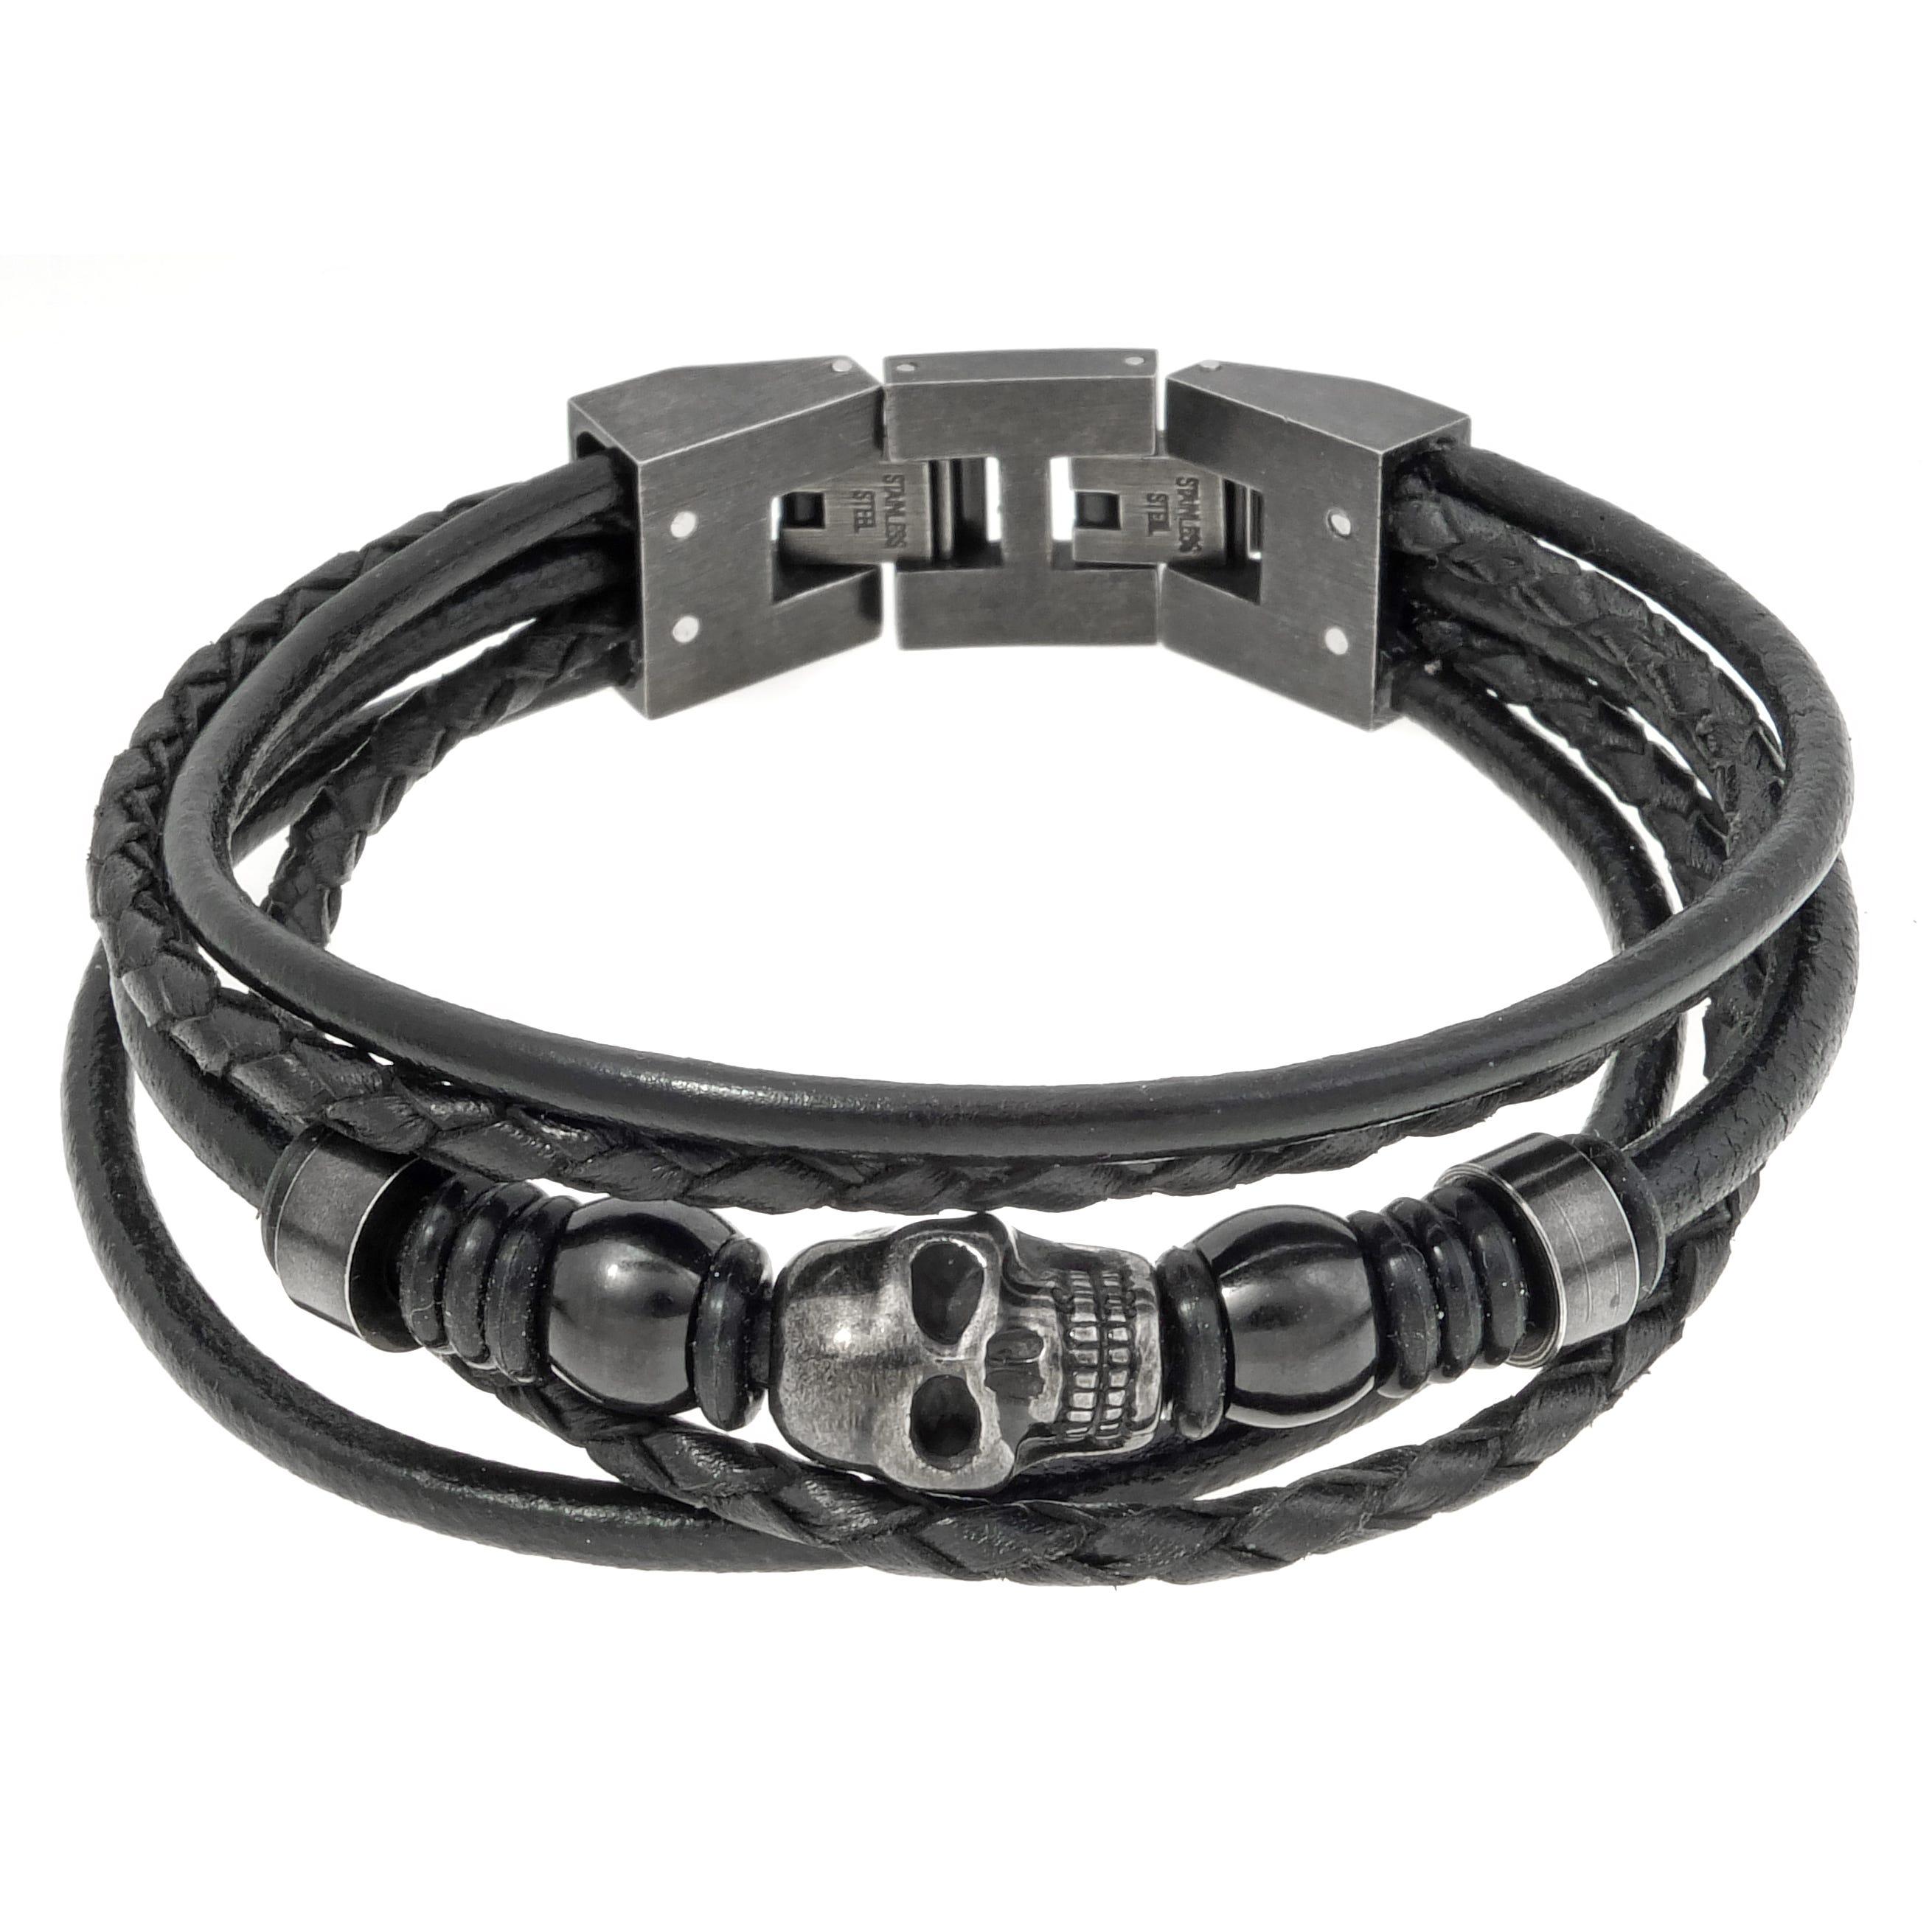 Men's Stainless Steel Skull Black Leather Rope Bracelet